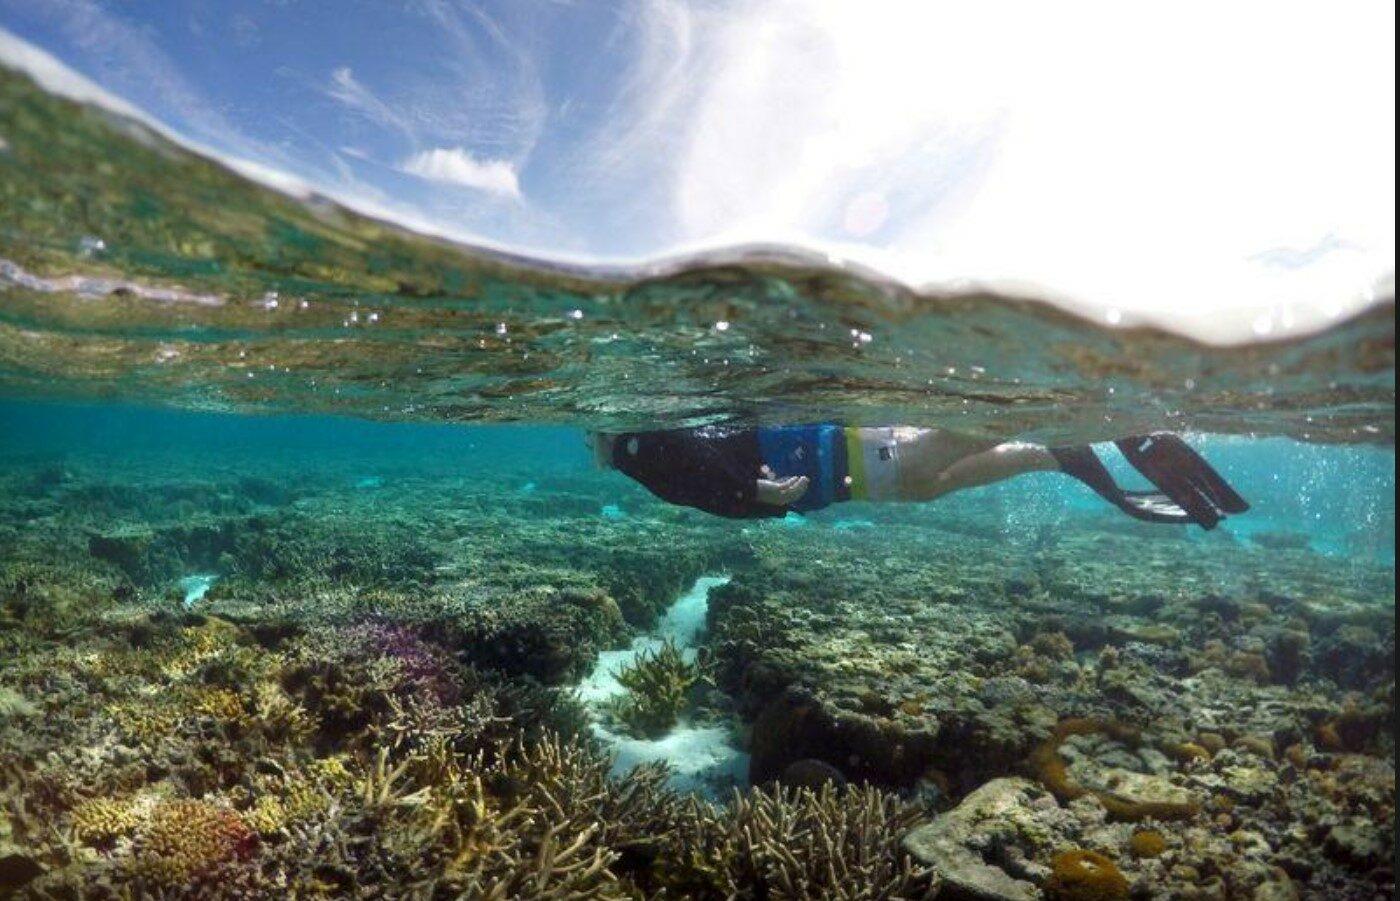 เผยเกรตแบร์ริเออร์รีฟสูญเสียแนวปะการังกว่าครึ่งนับตั้งแต่ปี 2538